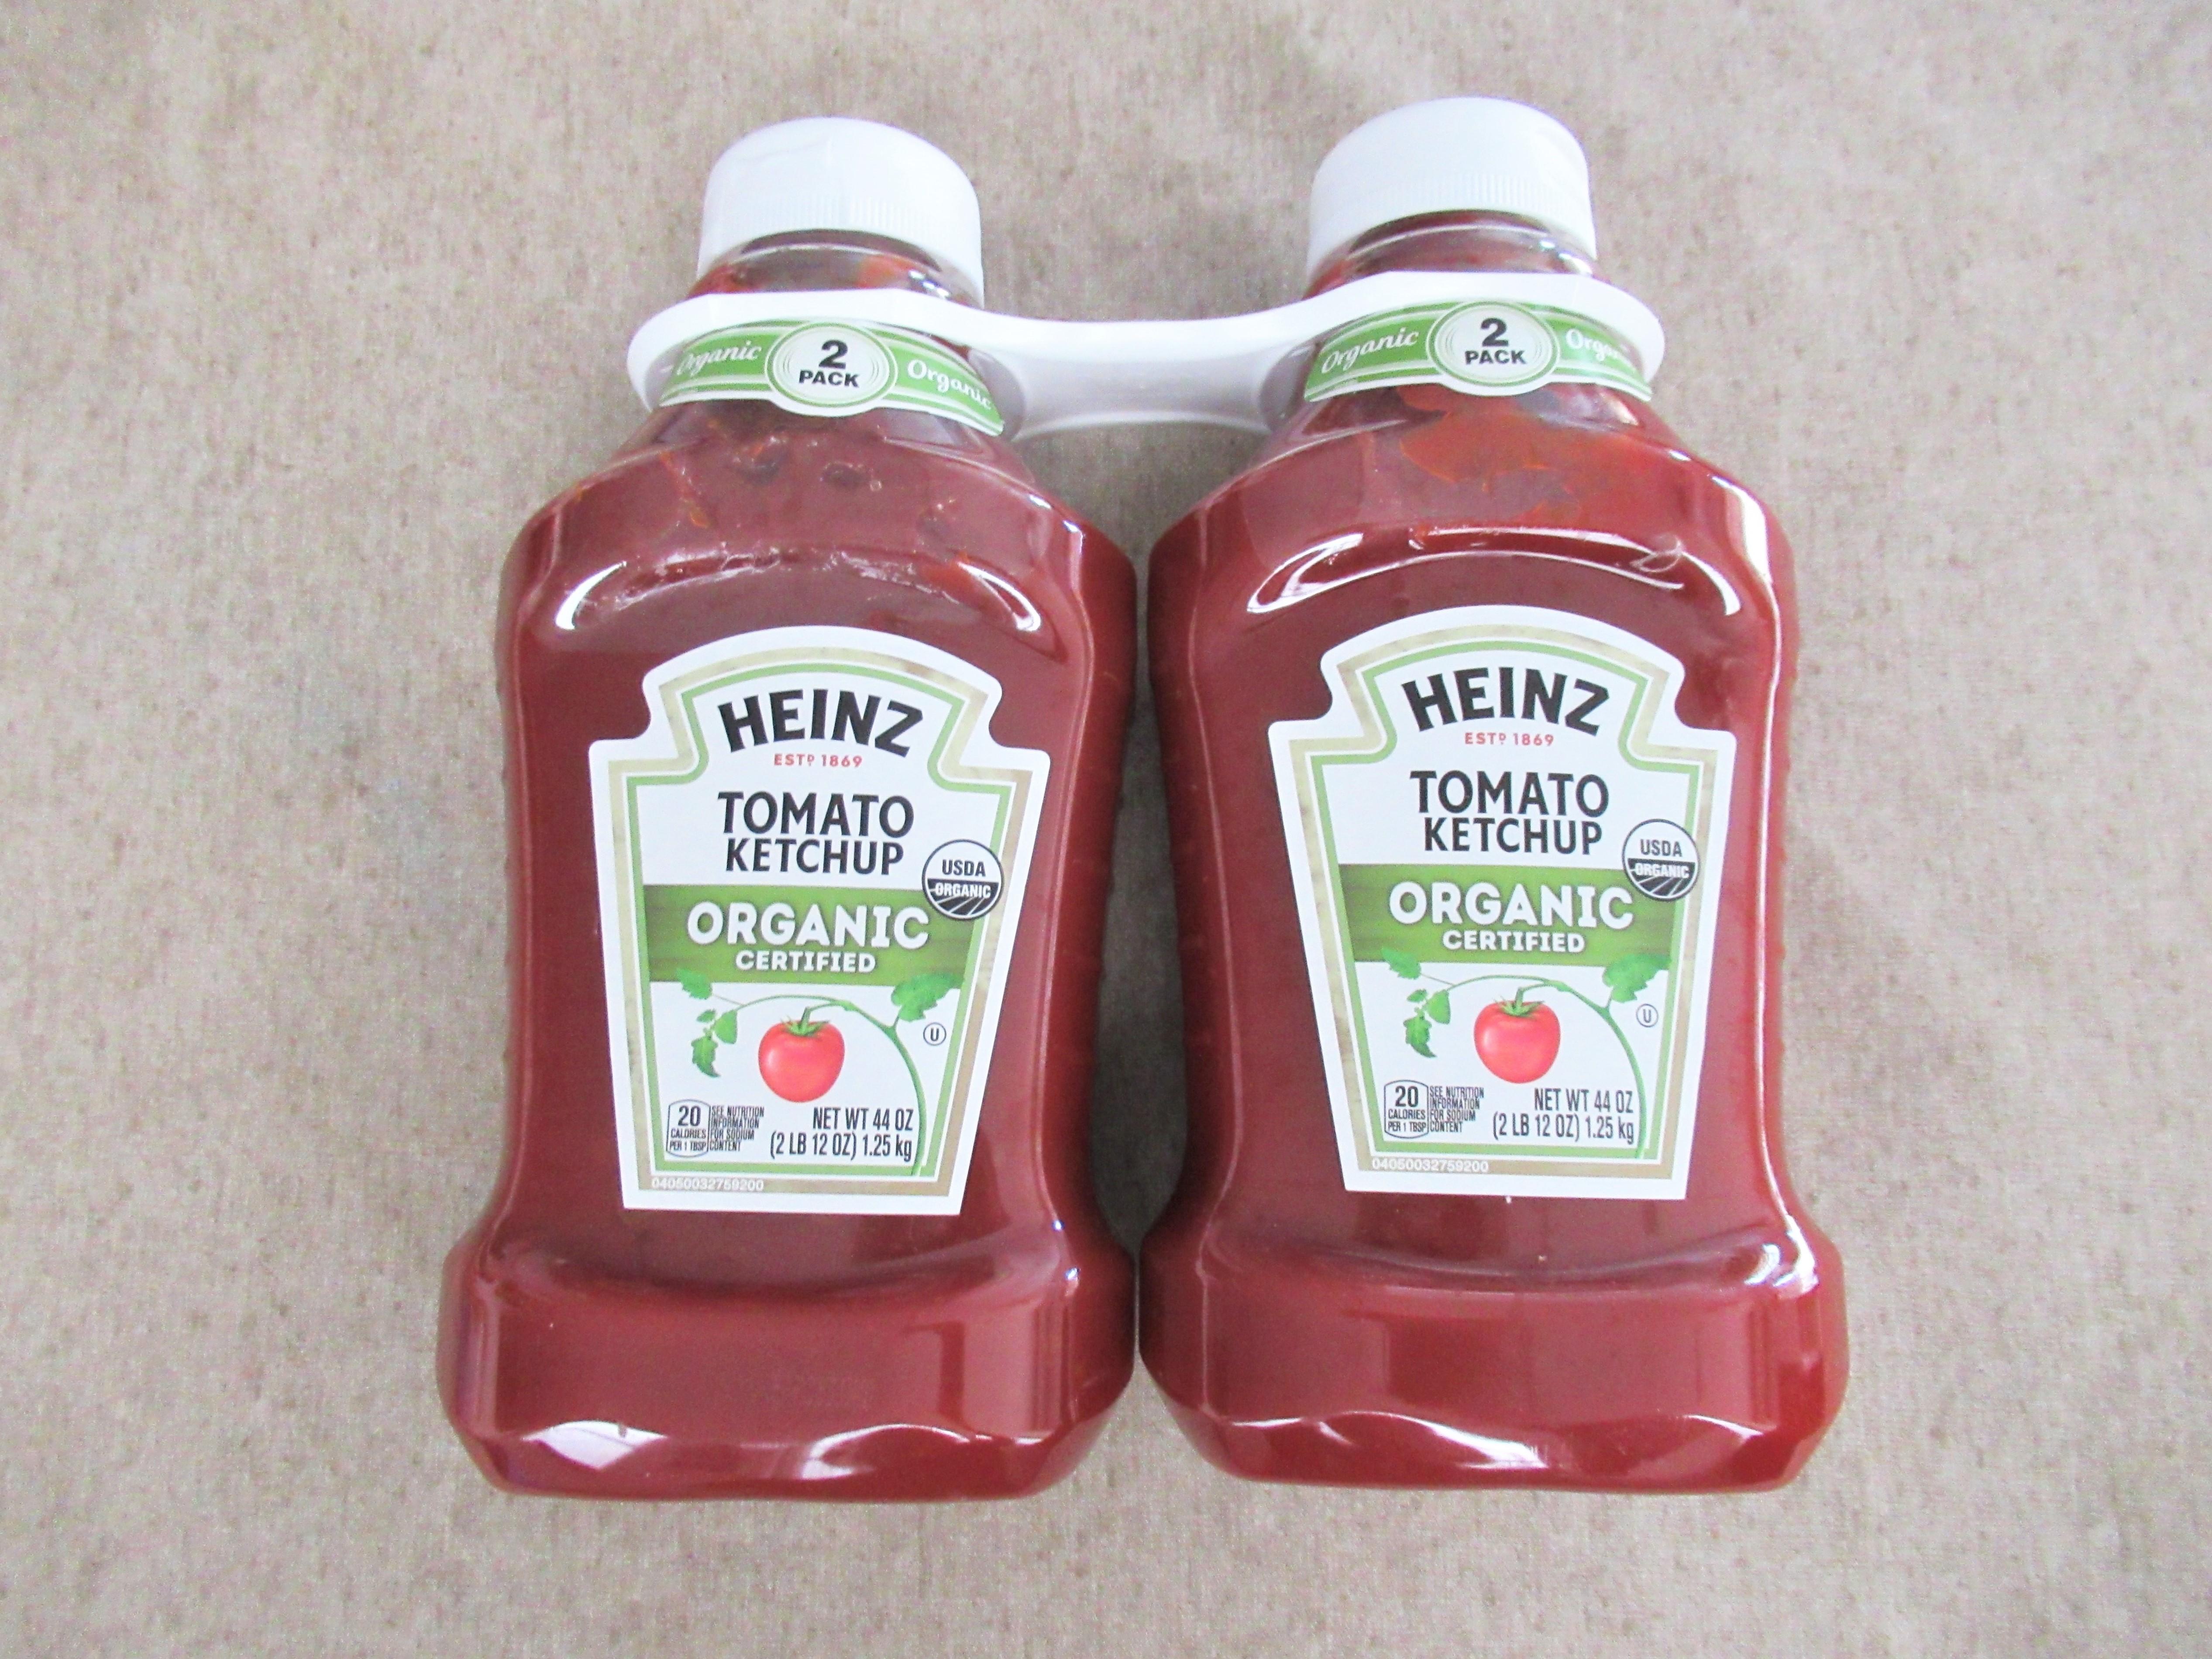 コストコ「ハインツ ケチャップ」大ボトルはドバっと出ちゃう?使いやすくする方法は?|ラク家事ブログ